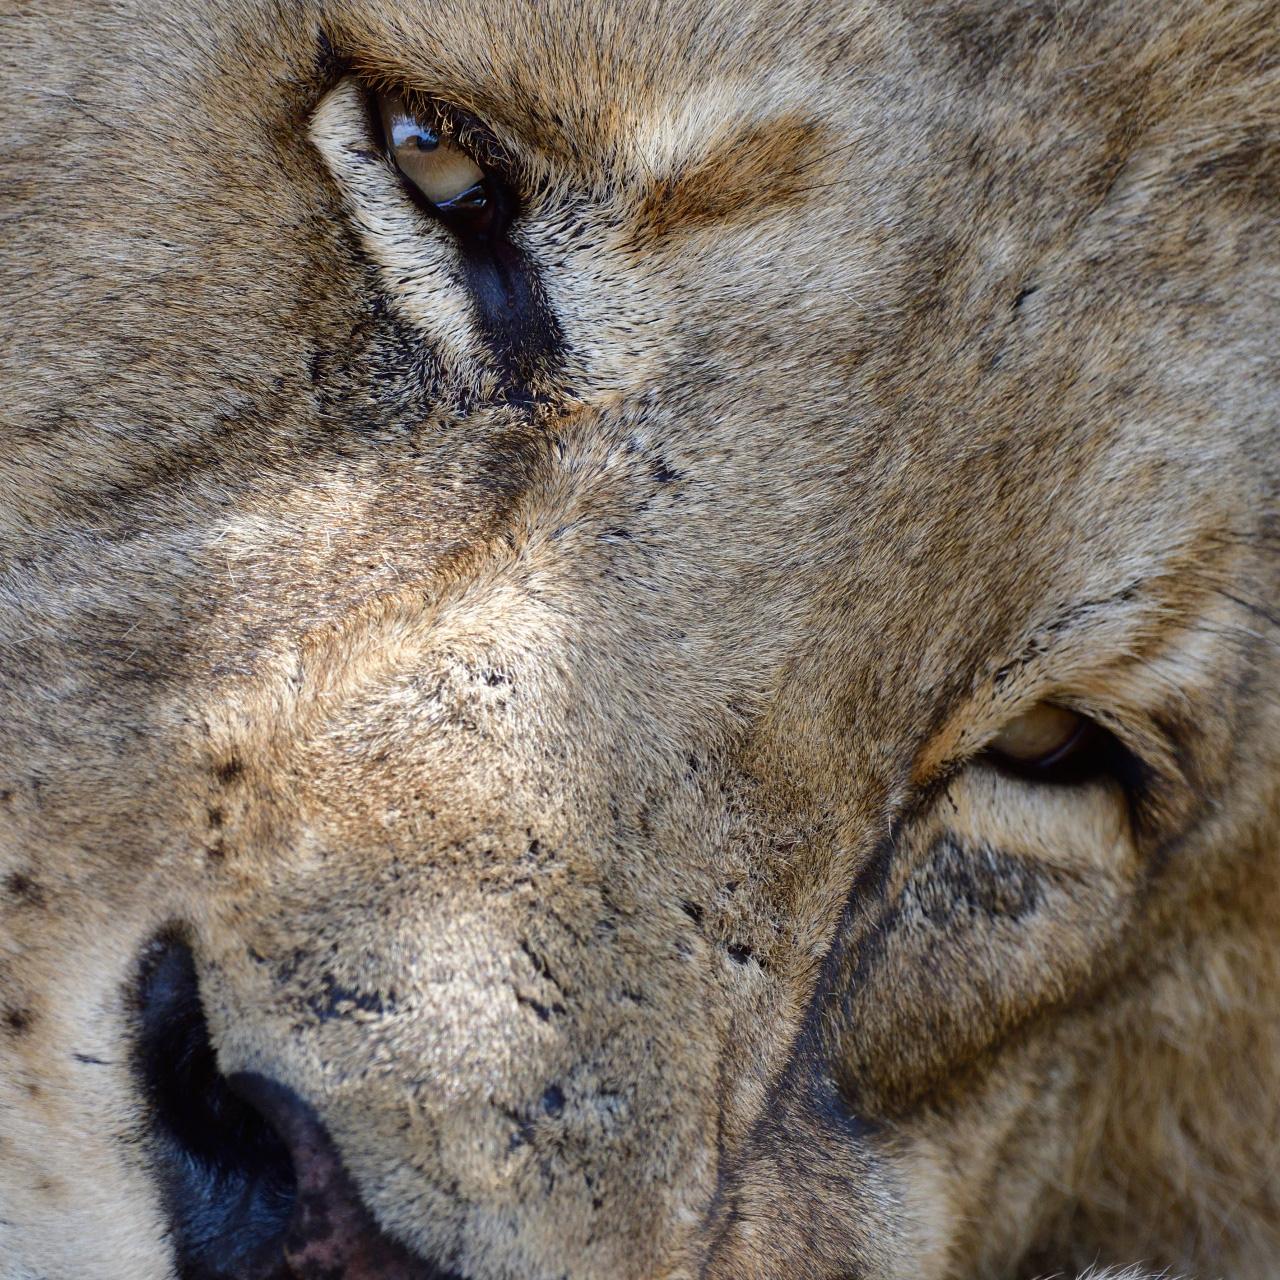 アフリカに野生の輝きを追って<br>Part 1 動物たちの一瞬の表情を狙う